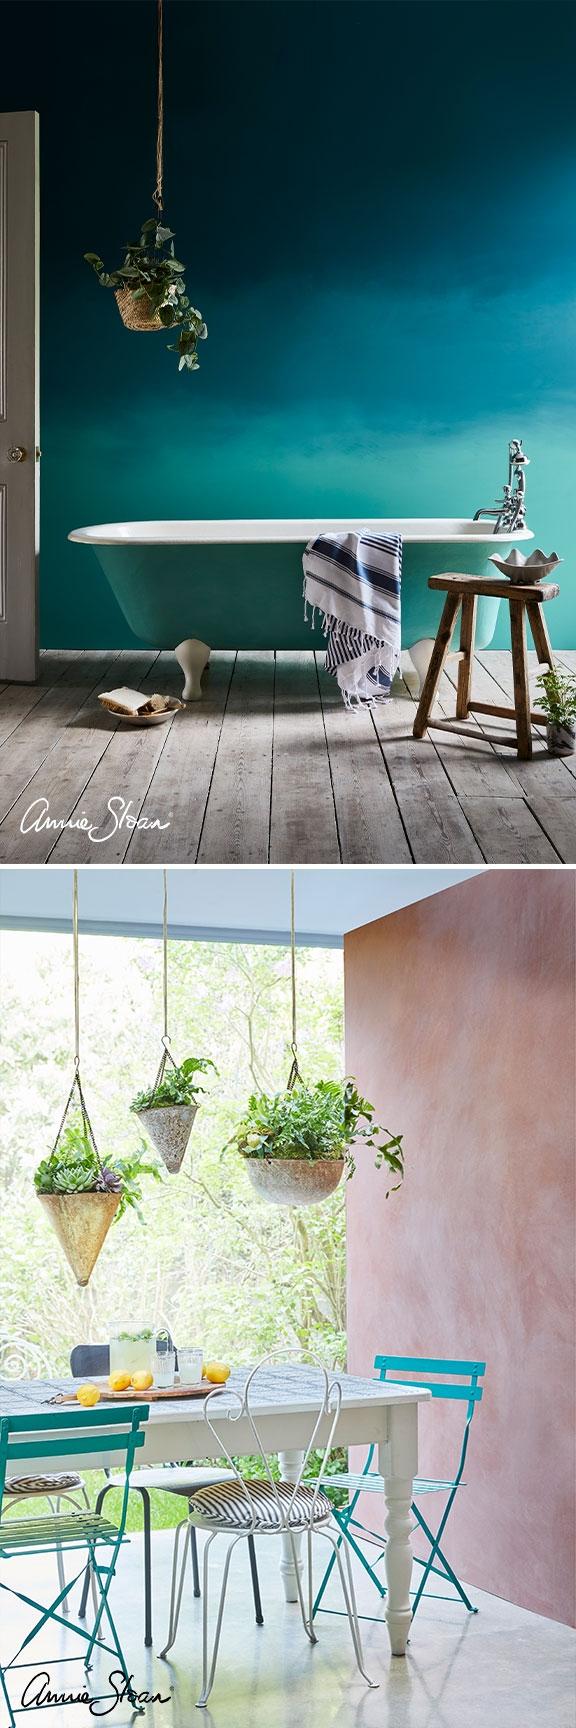 Annie-Sloan-ombre-bathroom-and-indoor-outdoor-dining-left-576.jpg